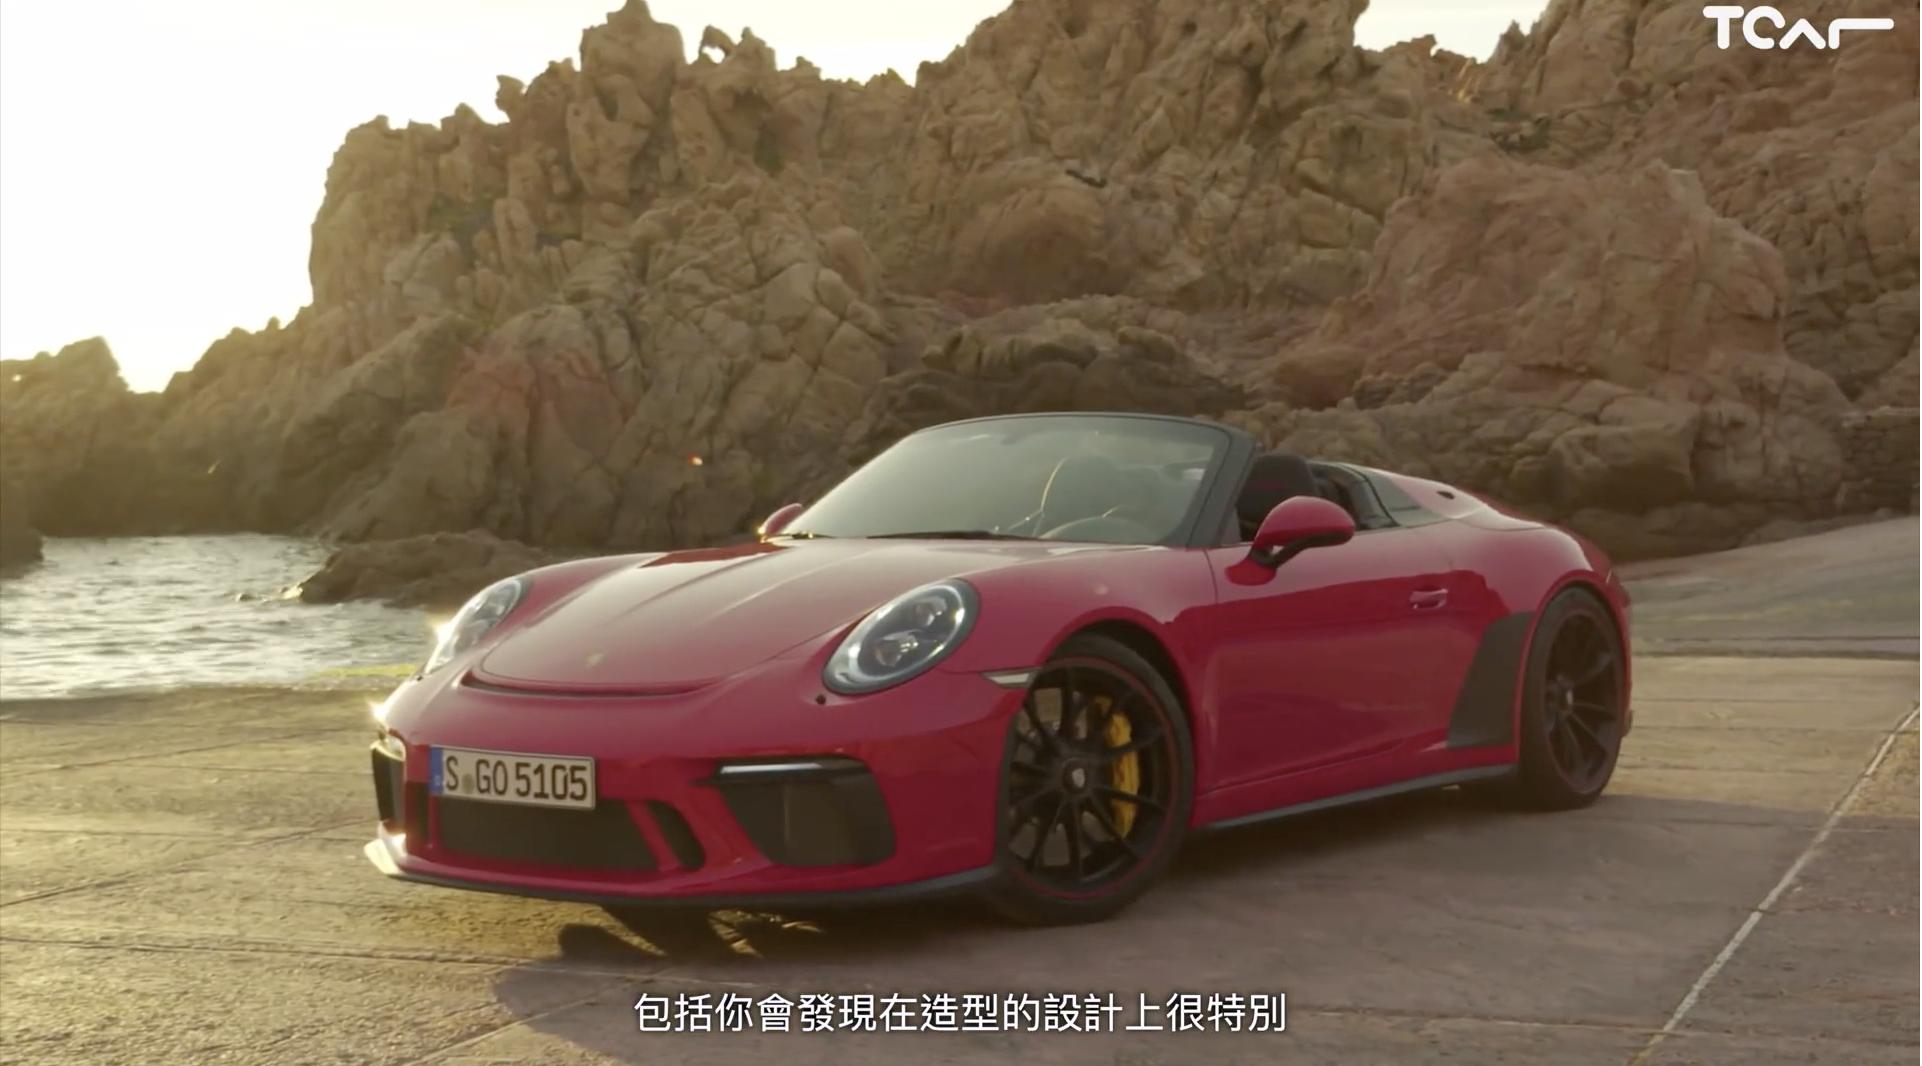 手排操控靈魂 敞篷GT浪漫 Porsche 911 Speedster 海外試駕 - TCar